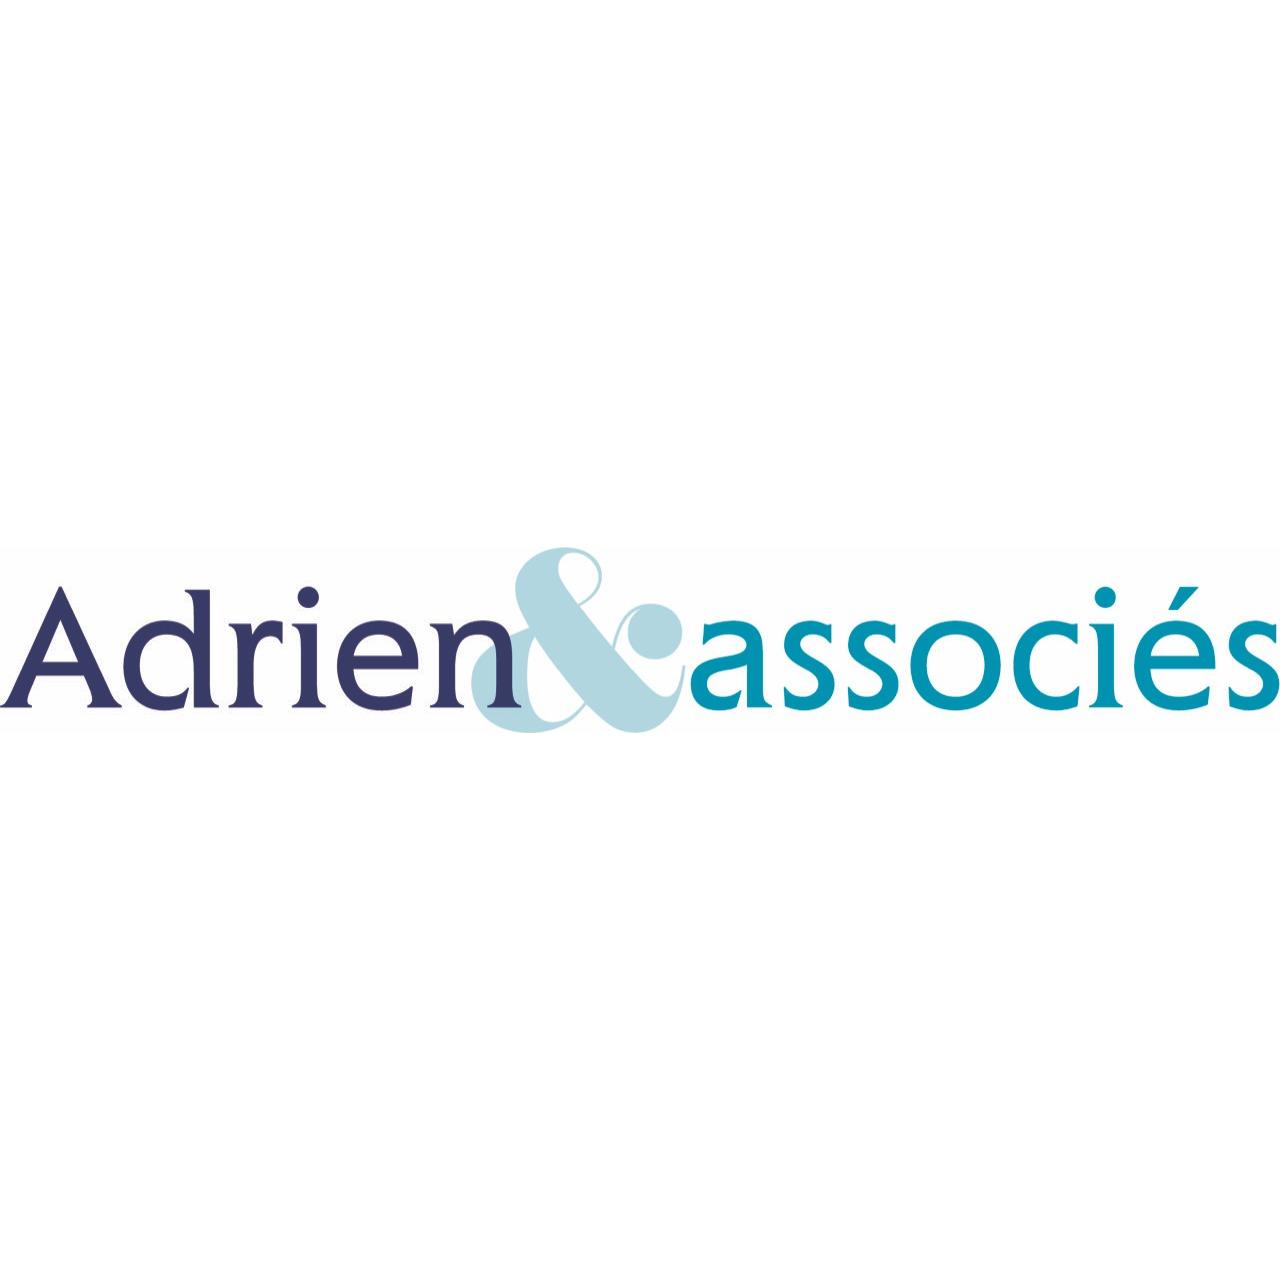 the Adrien & Associés logo.